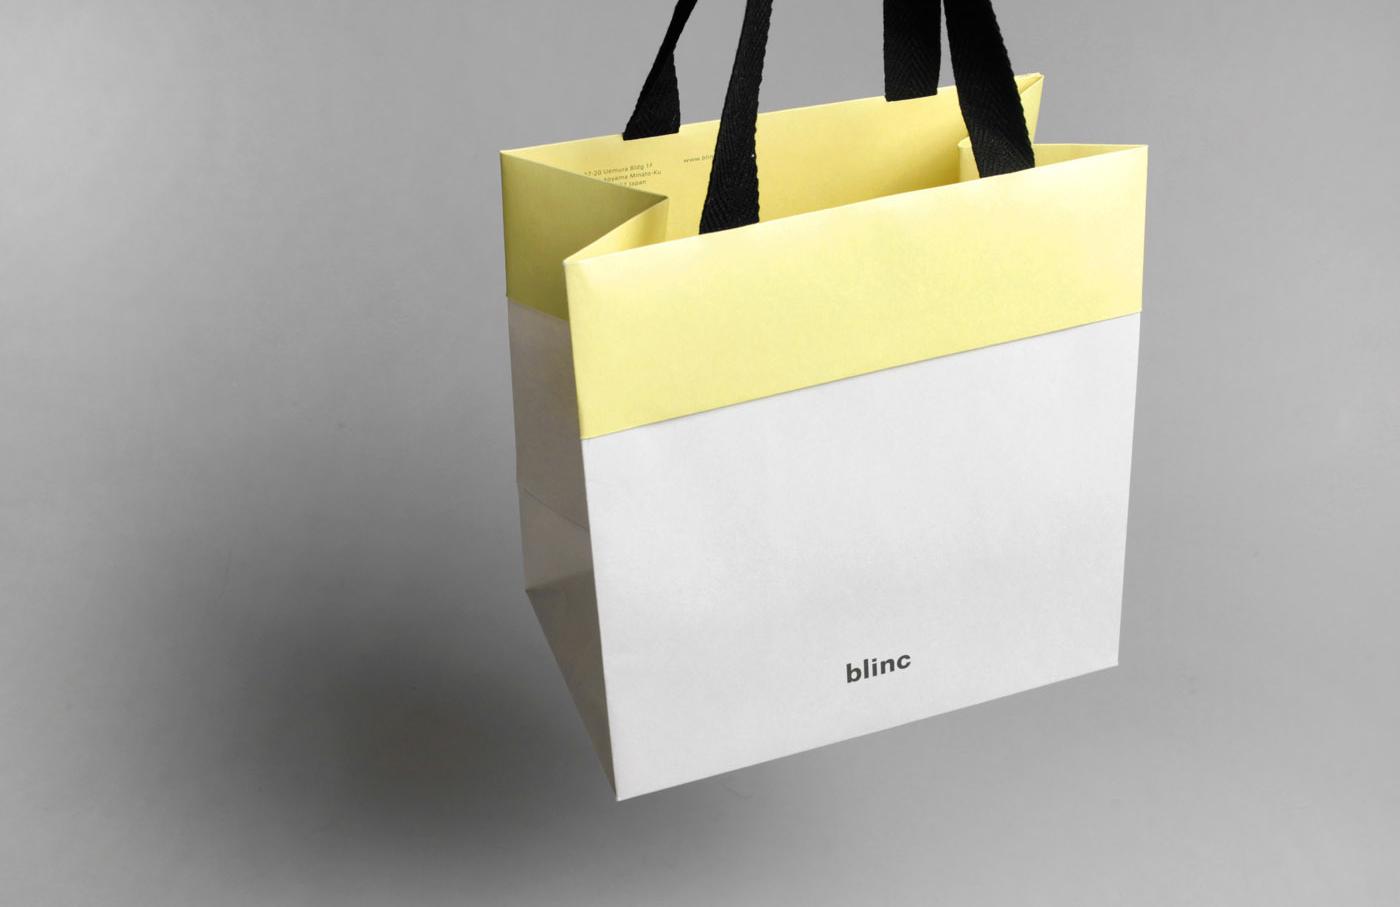 In túi giấy cho shop thời trang, thiết kế miễn phí